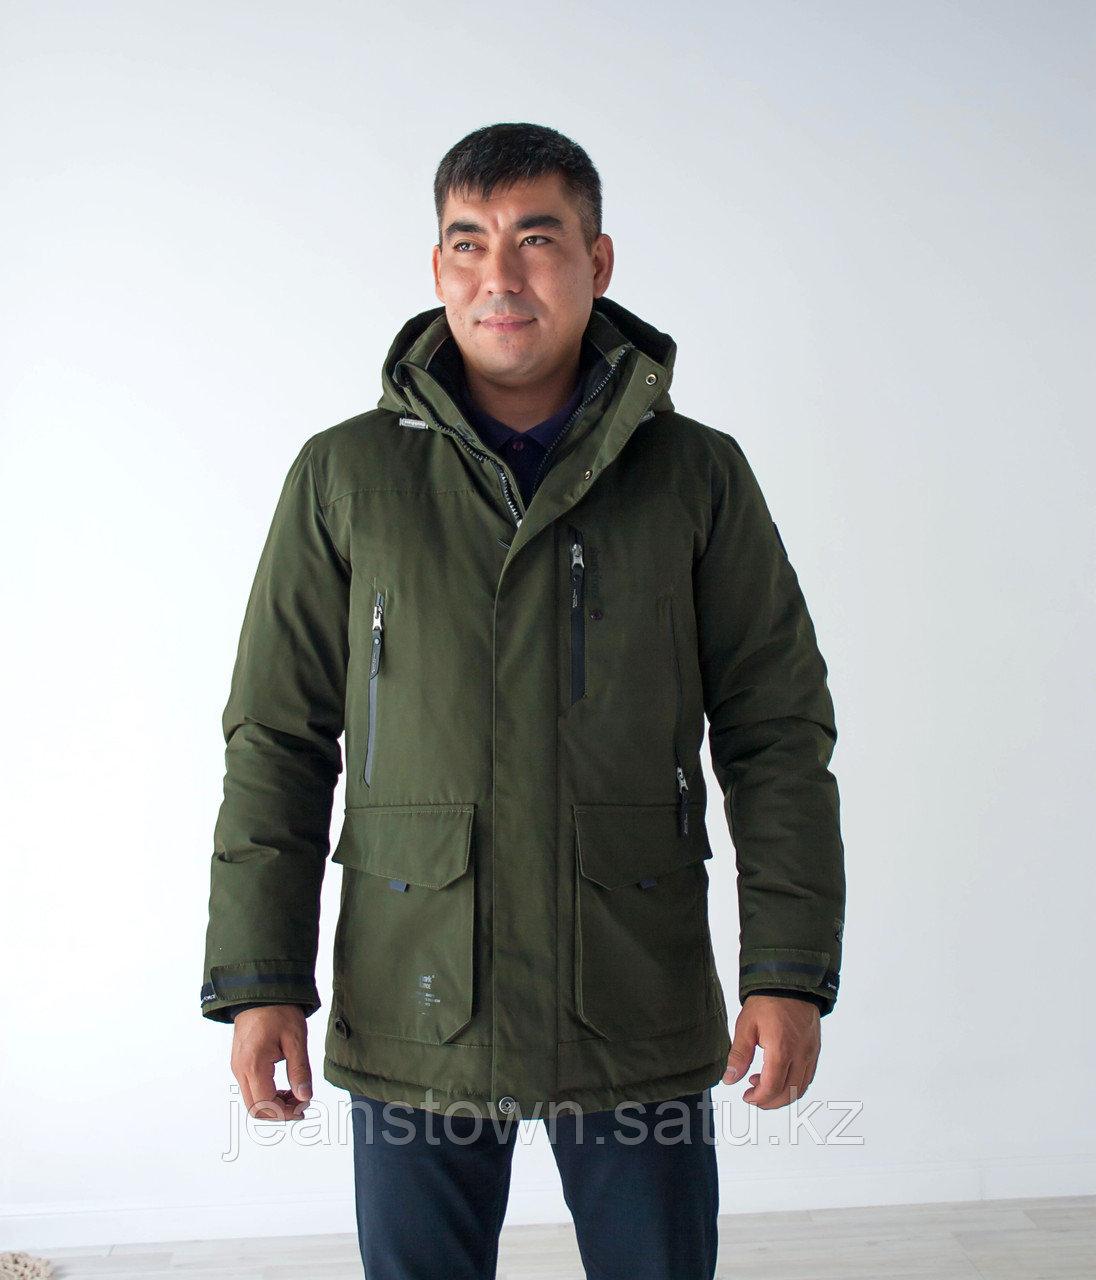 Куртка мужская зимняя Shark Force хаки